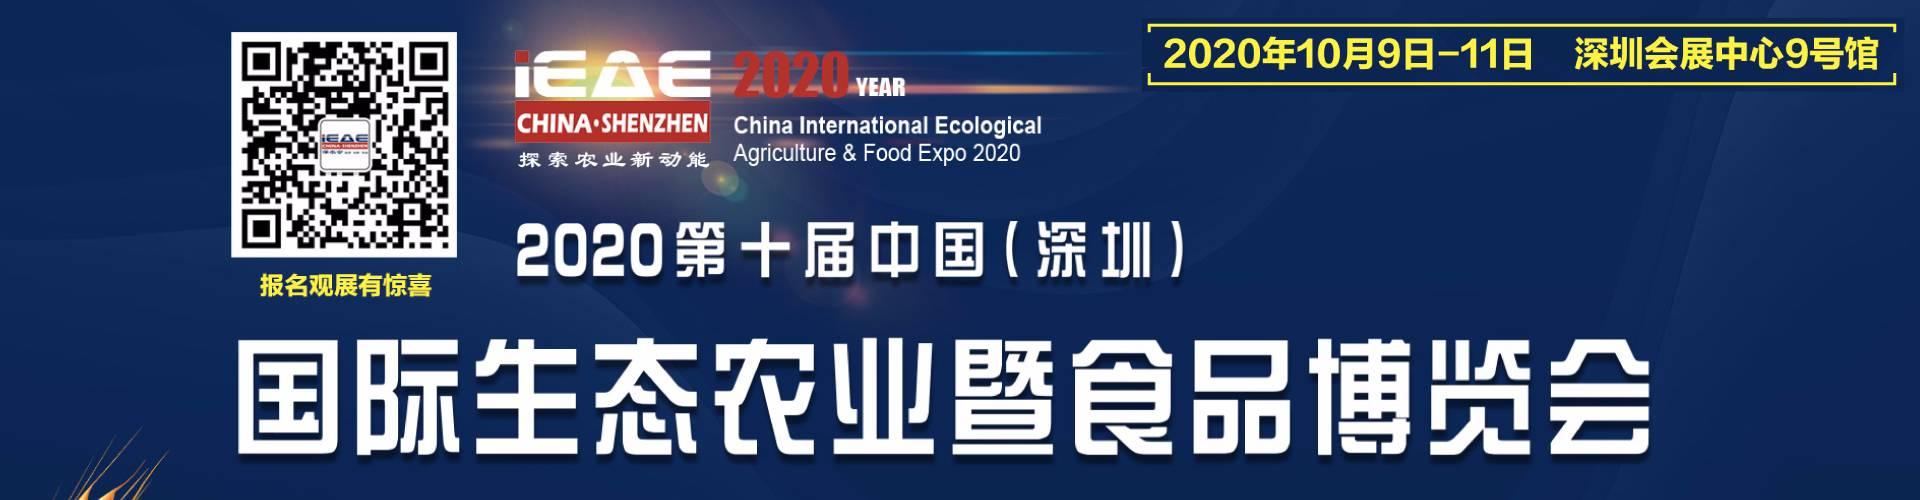 2020年第十届中国(深圳)国际生态农业暨食品博览会